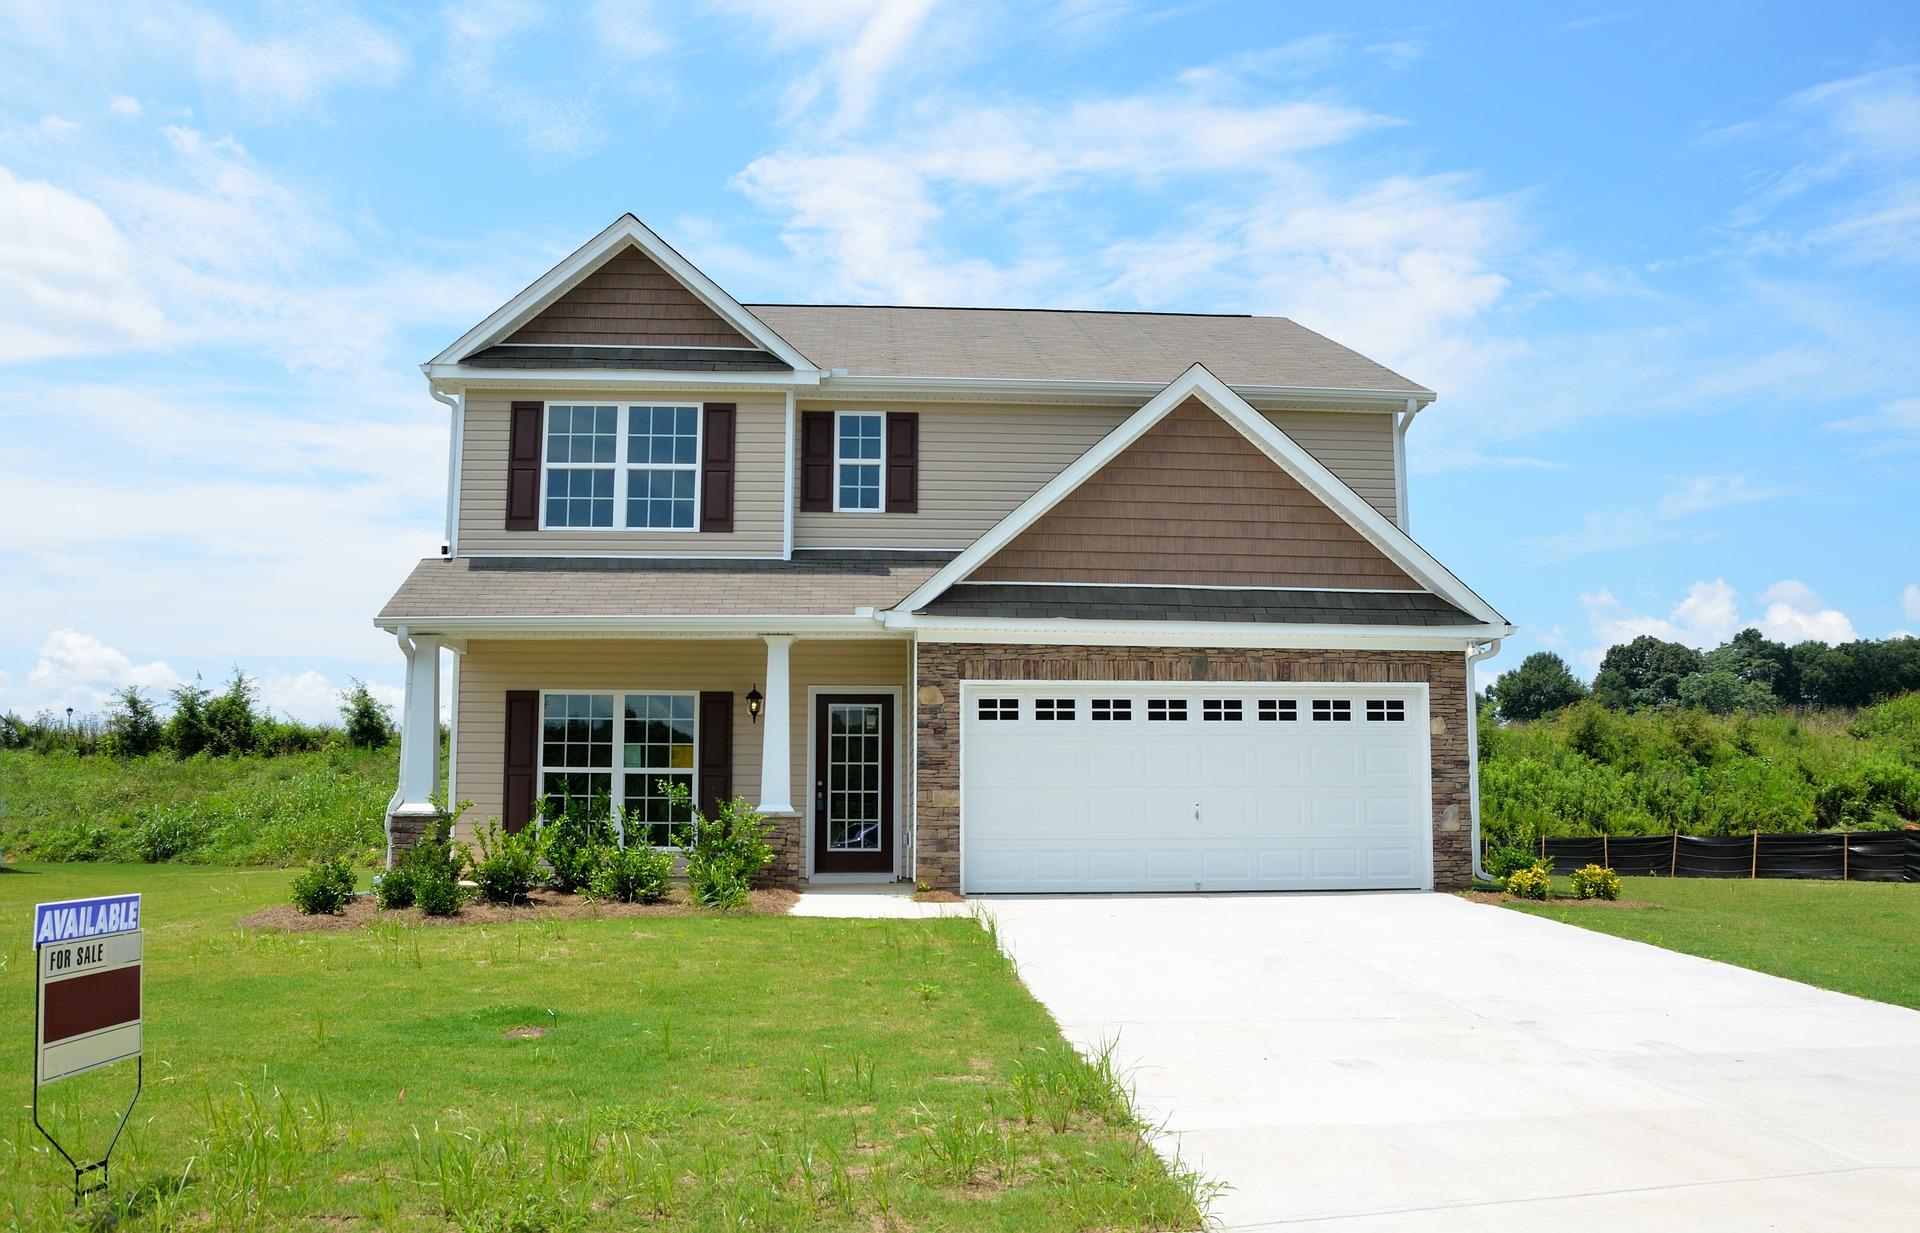 hipotek rumah